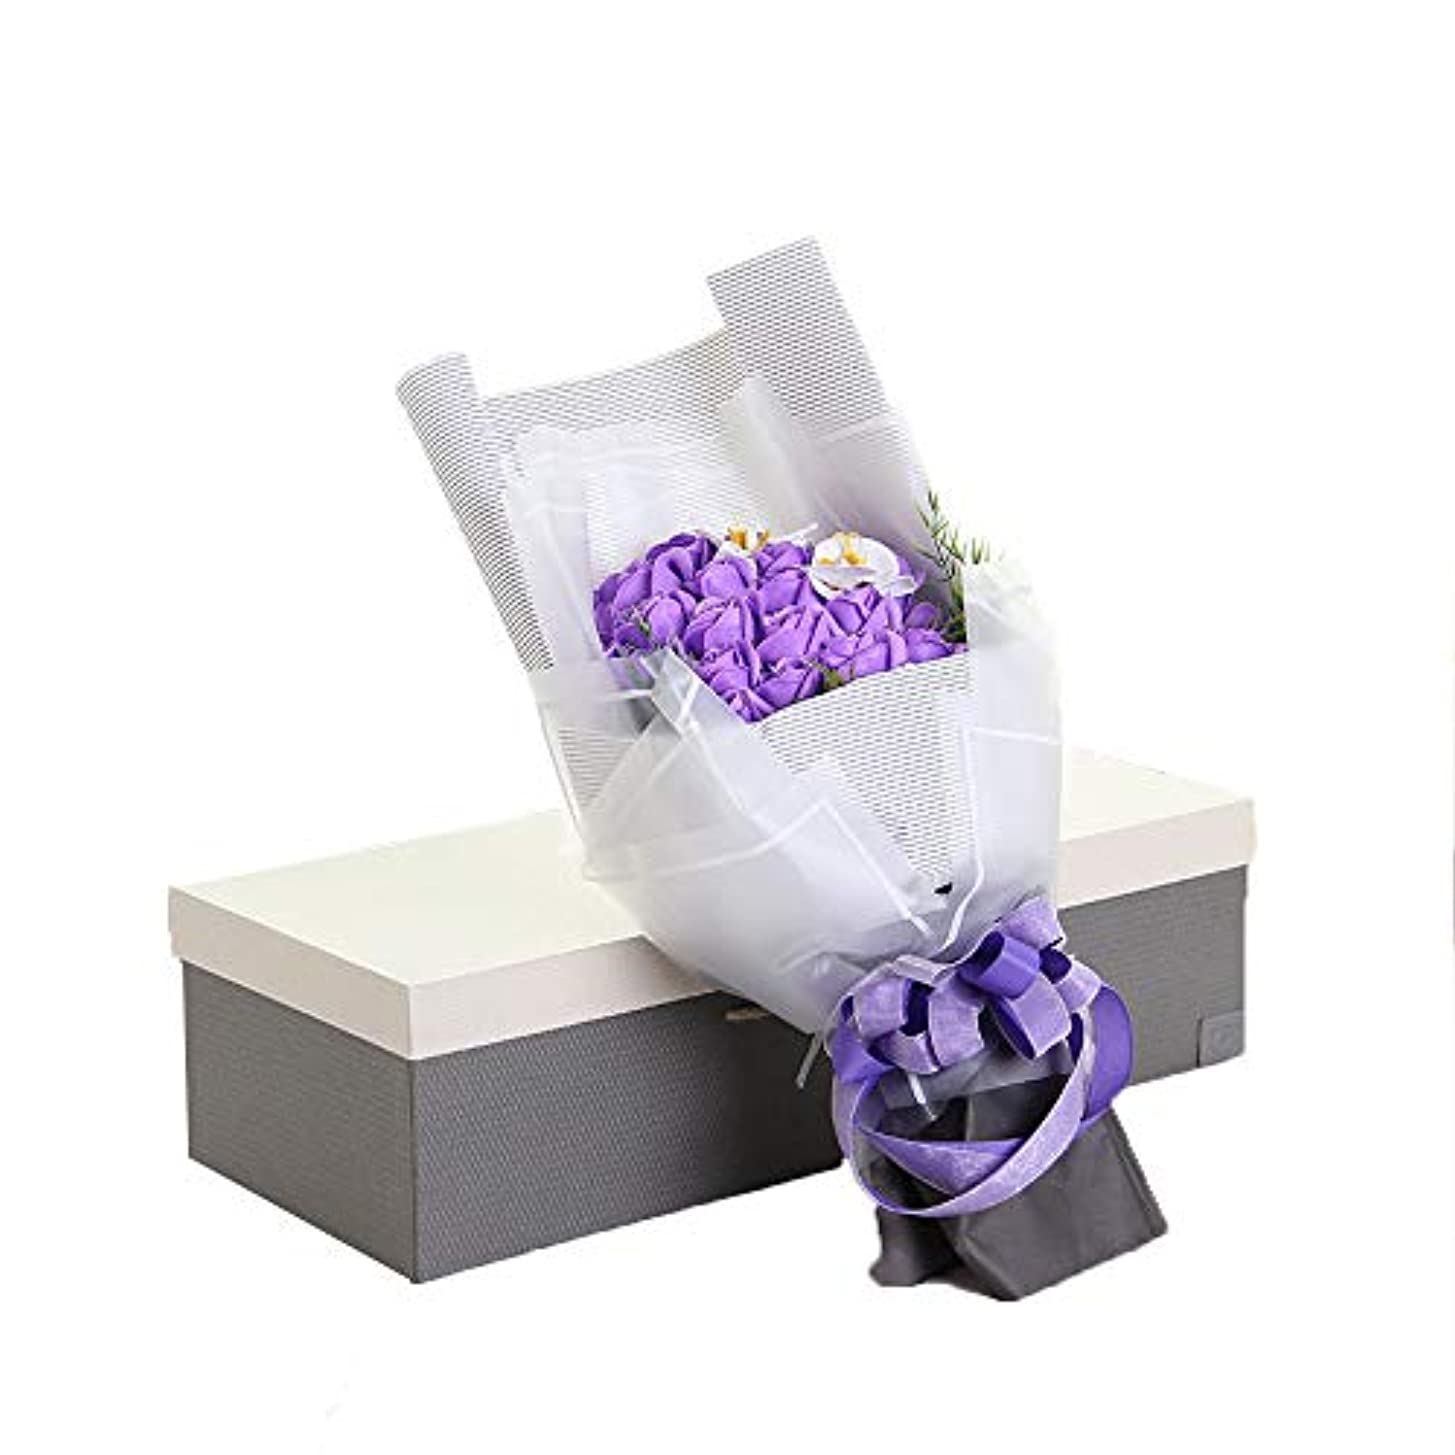 重量物理的にパラシュート手作り29石鹸花の花束ギフトボックス、女性のためのギフトバレンタインデー、母の日、結婚式、クリスマス、誕生日(ベアカラーランダム) (色 : 紫の)